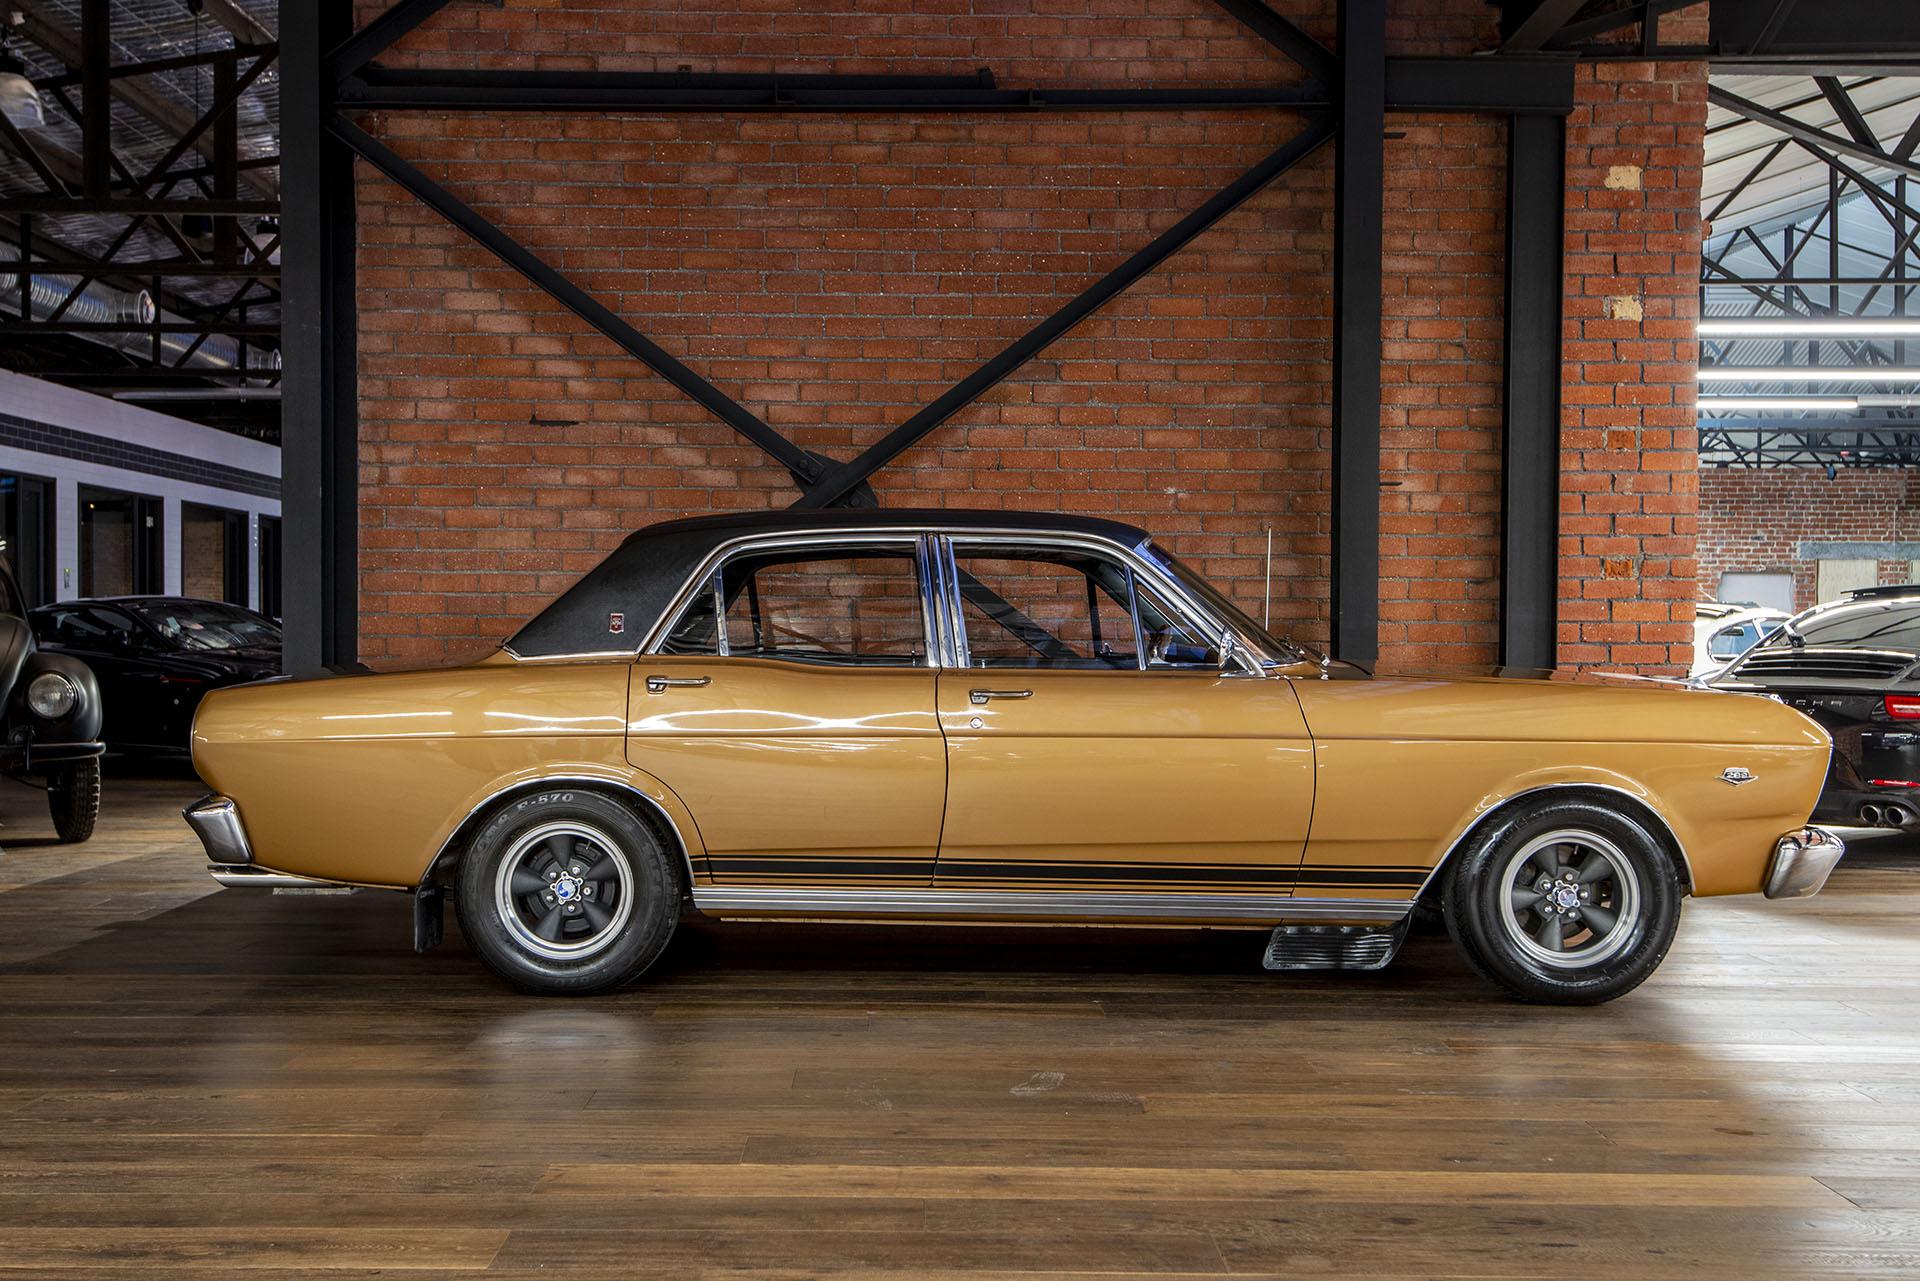 1967 Ford Falcon Xr Gt Richmonds Classic And Prestige